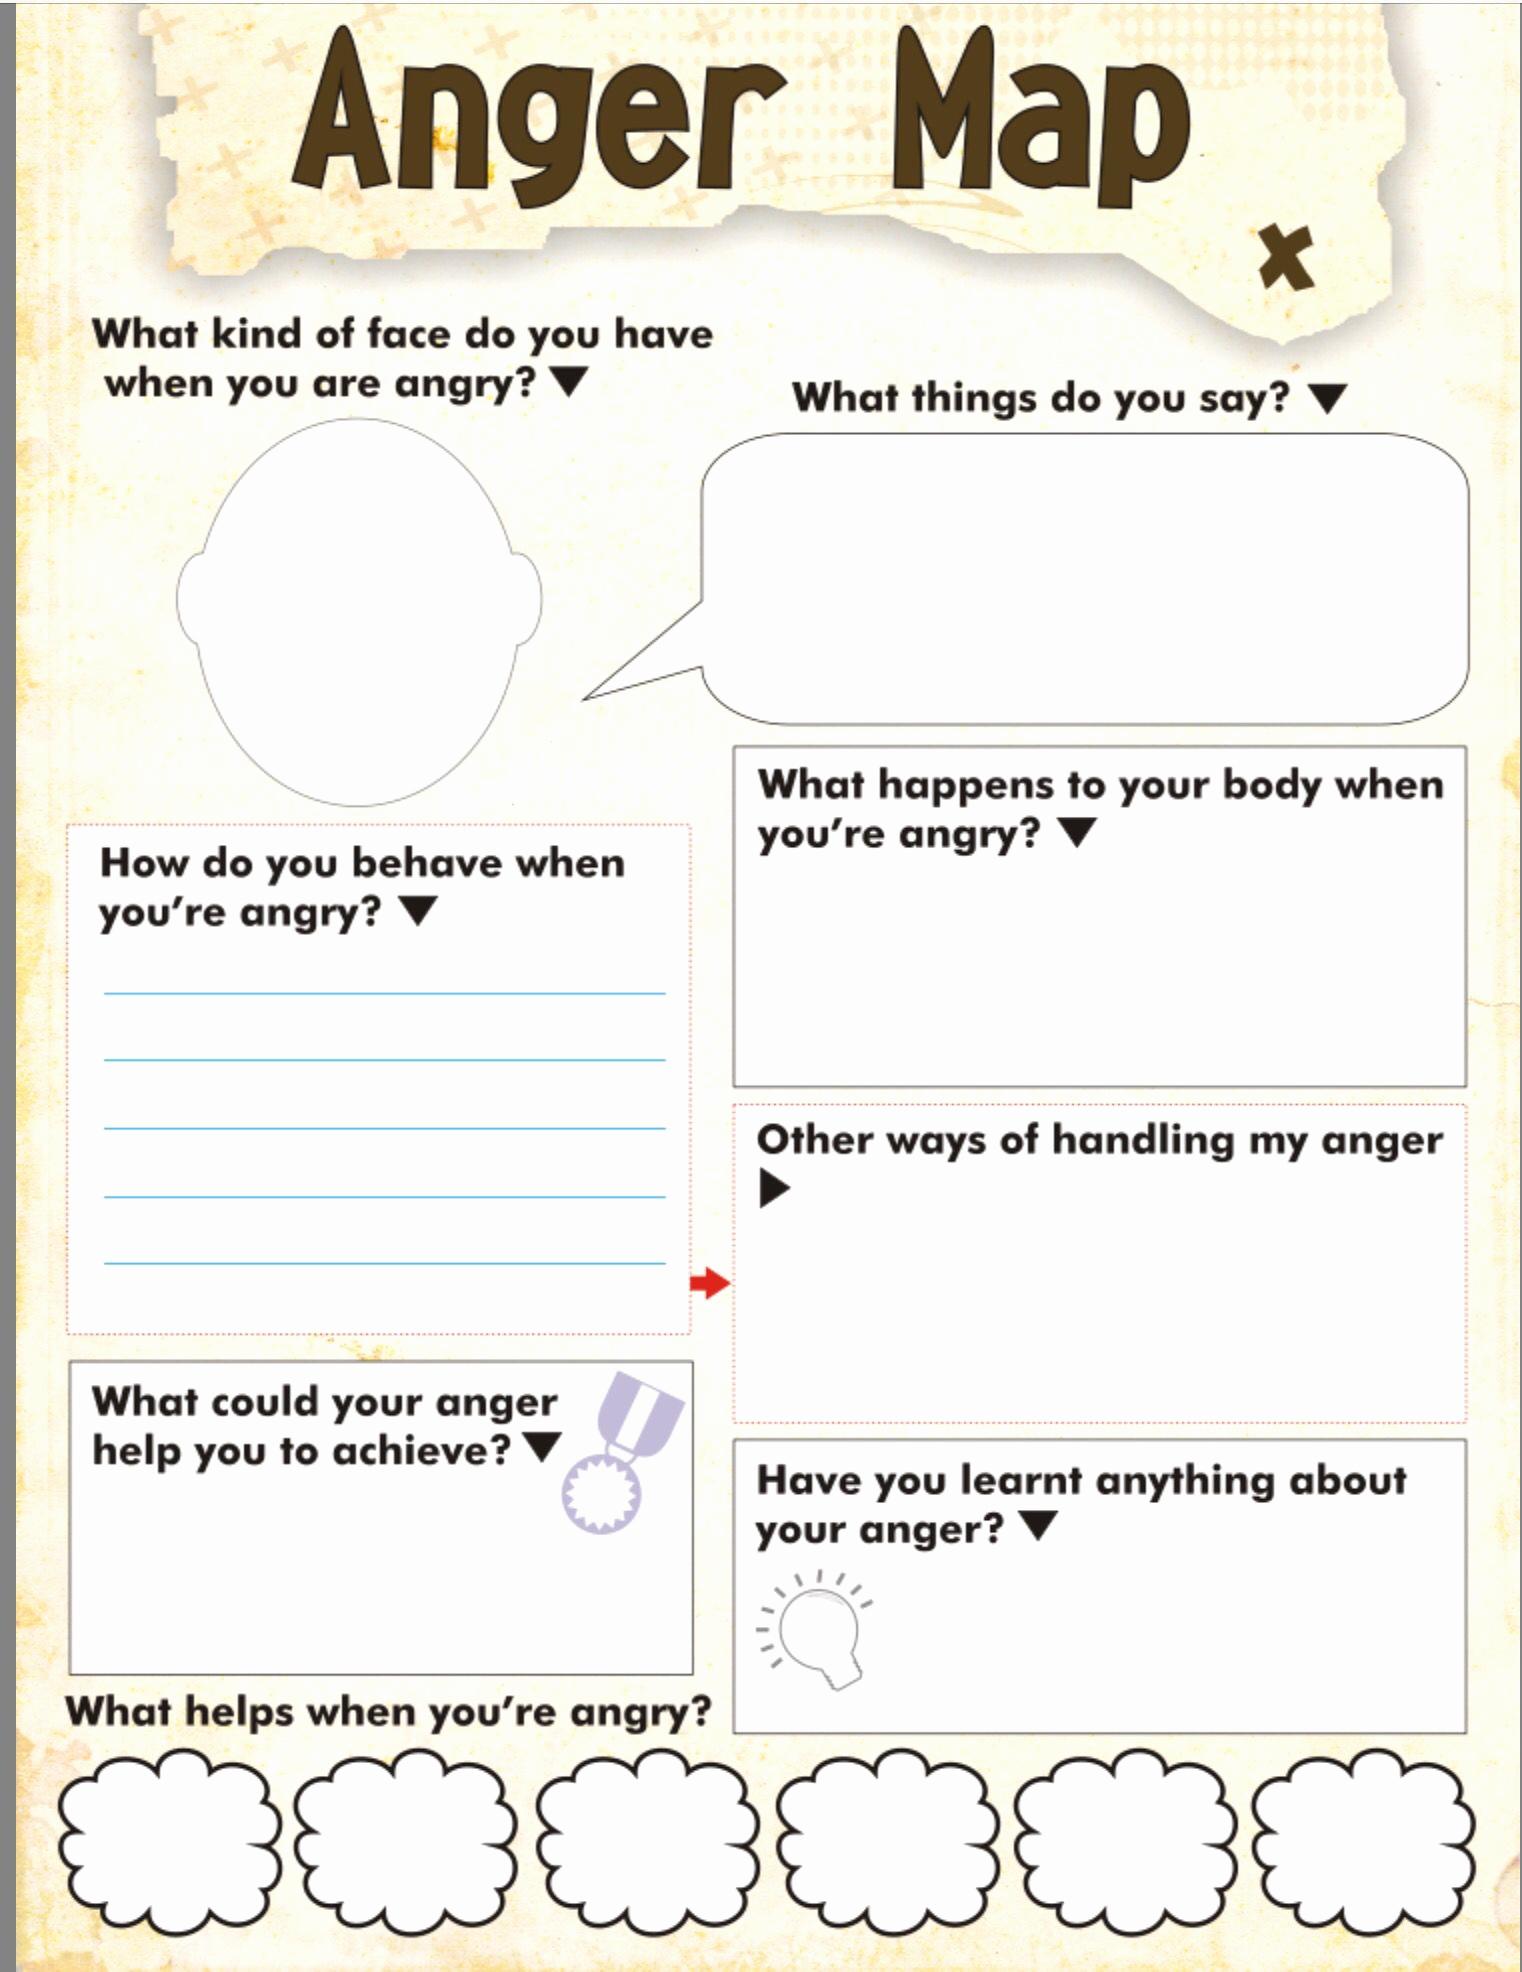 Anger thermometer Worksheet Lovely Anger thermometer Worksheet Printable Print